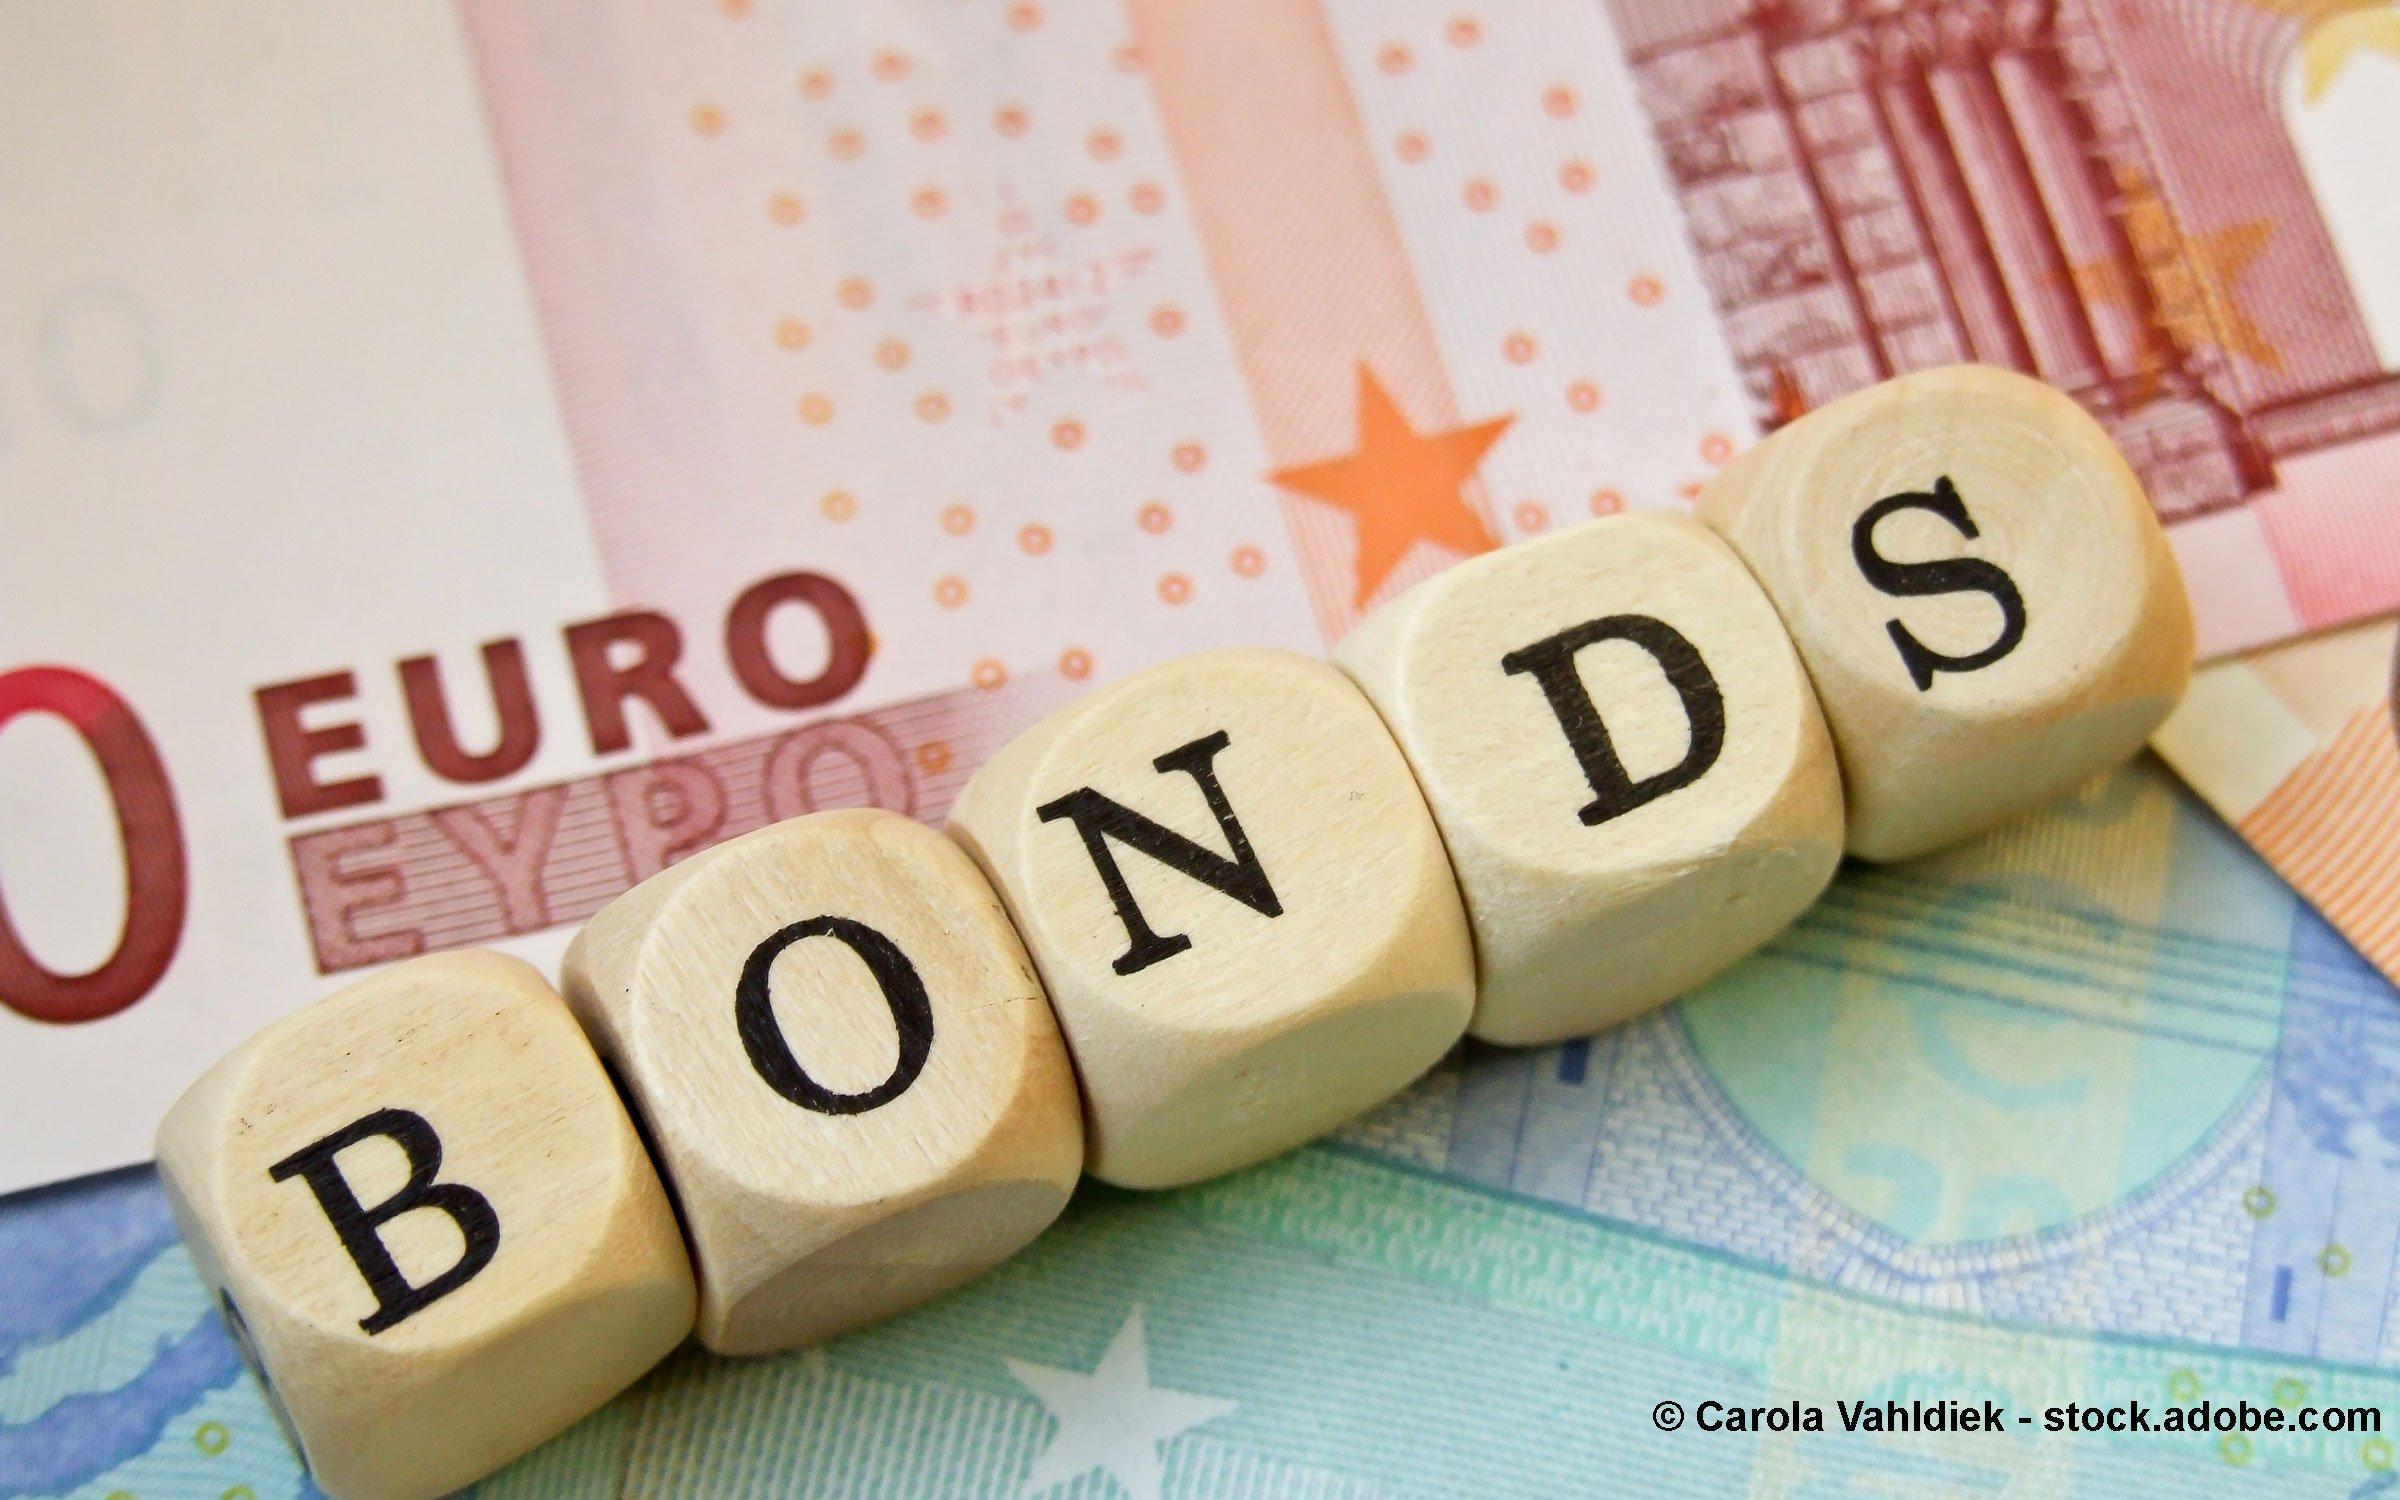 Neuer gehebelter Short-ETN auf deutsche Staatsanleihen von Boost